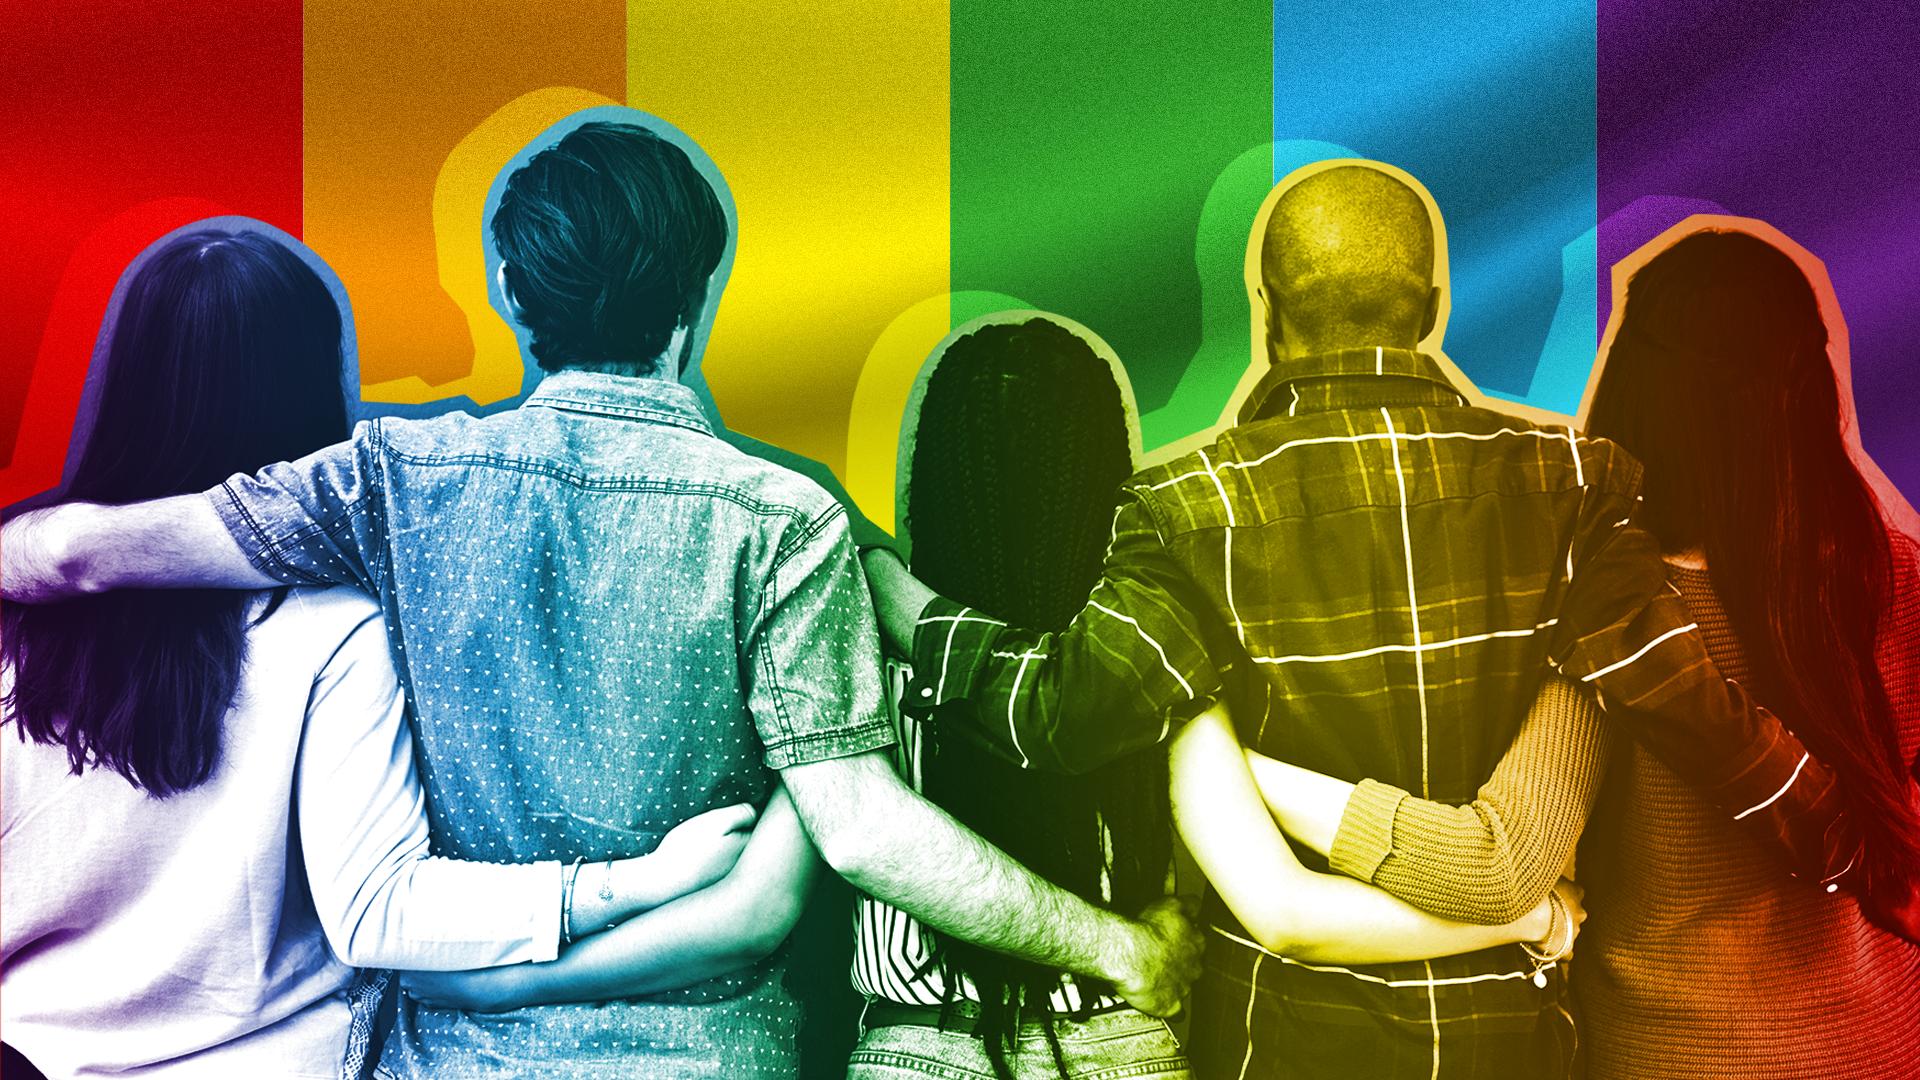 Bilgi Sahibi Olmayanlara Kolayca Anlatabileceğiniz 12 LGBT Terimi